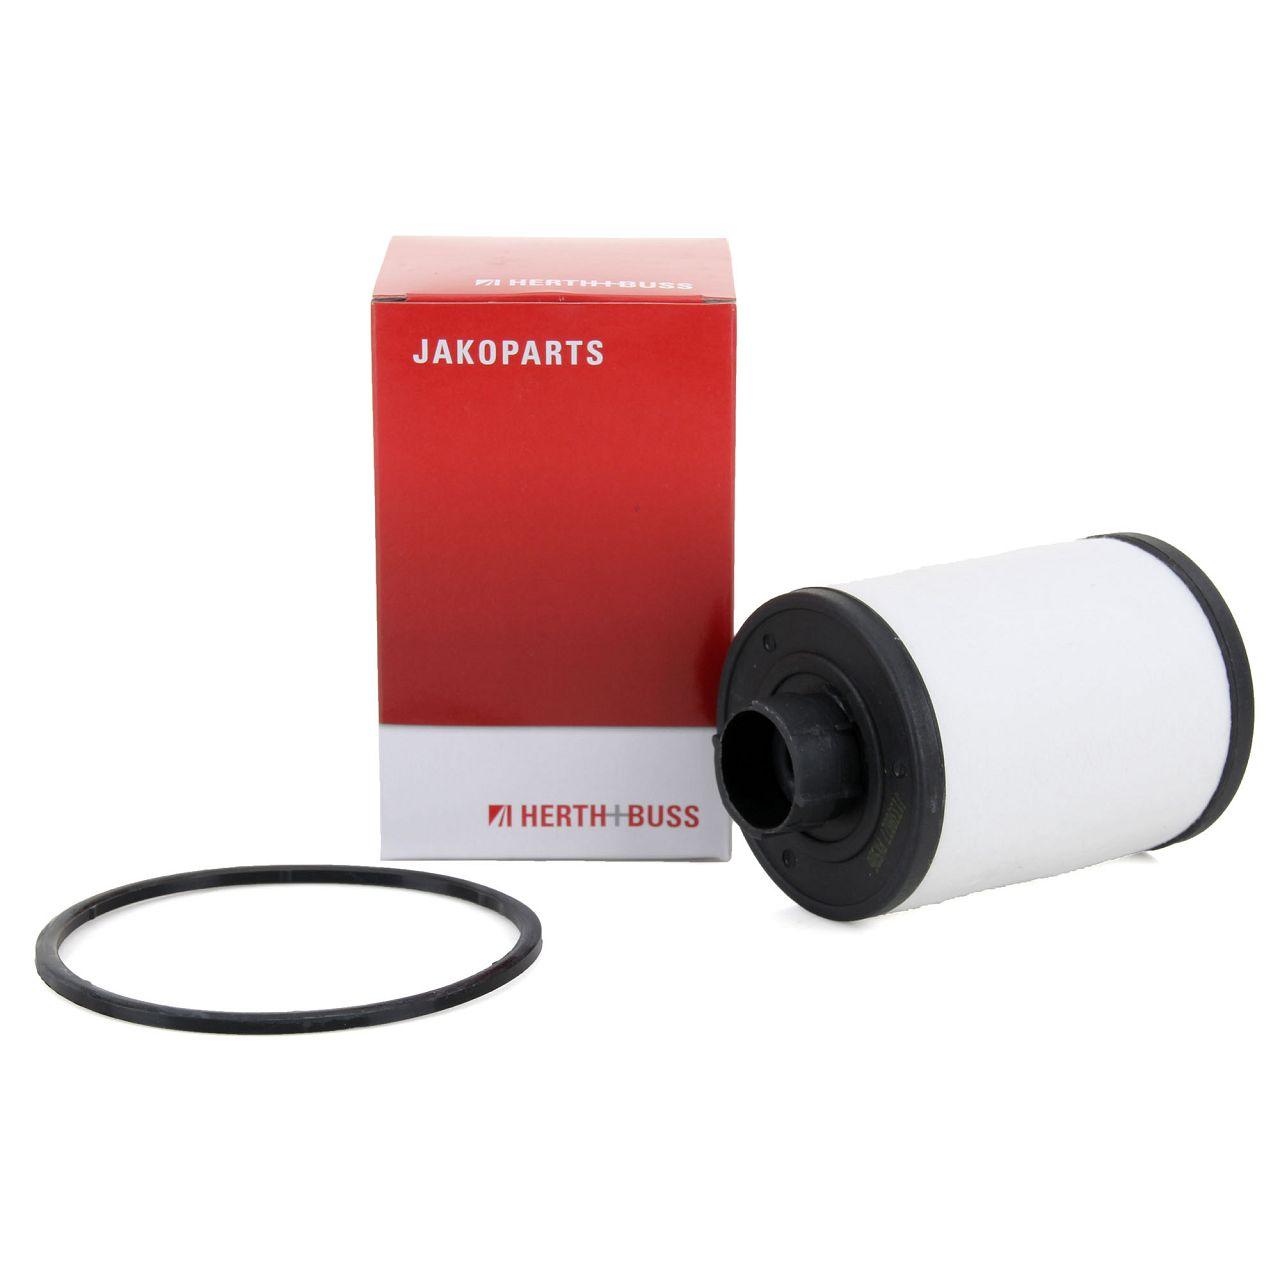 HERTH+BUSS JAKOPARTS Kraftstofffilter Dieselfilter für CHEVROLET OPEL SUZUKI